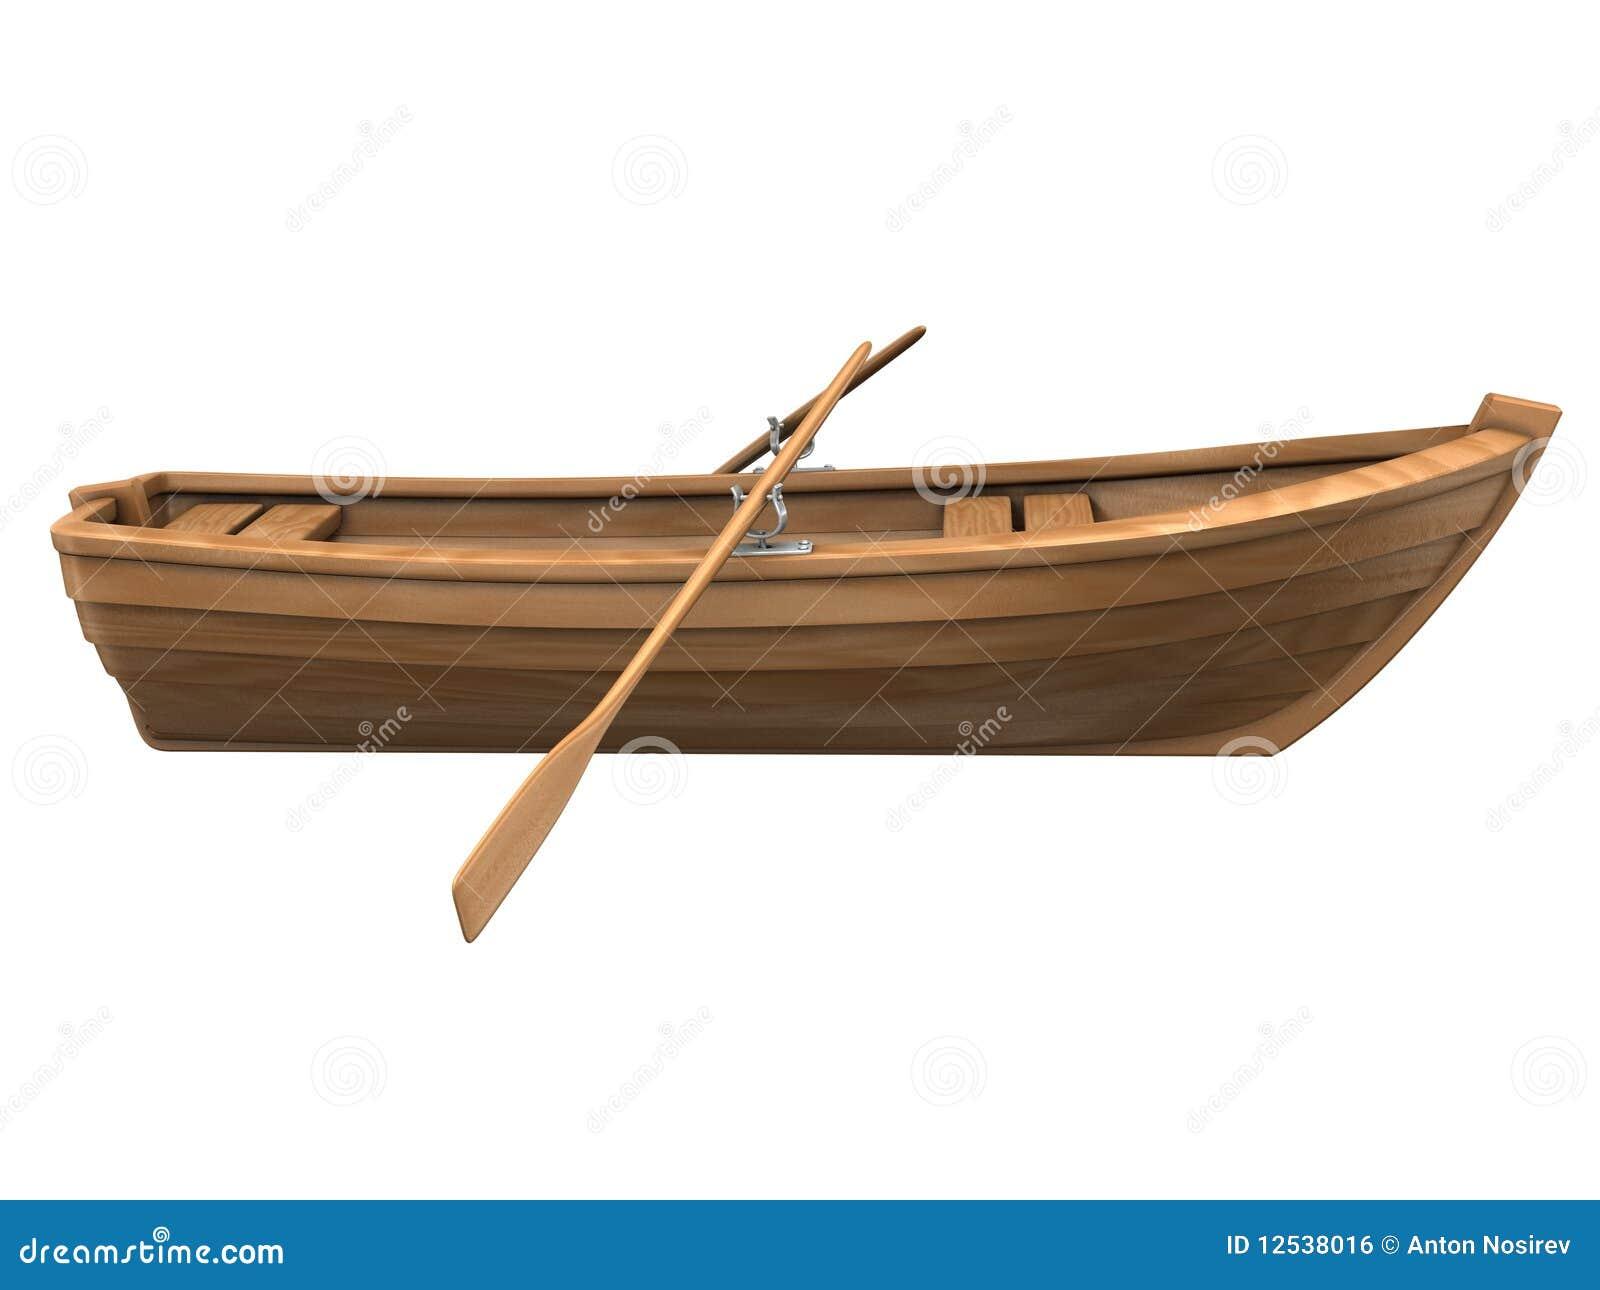 Wood Boat Isolated On White Royalty Free Stock Image - Image: 12538016